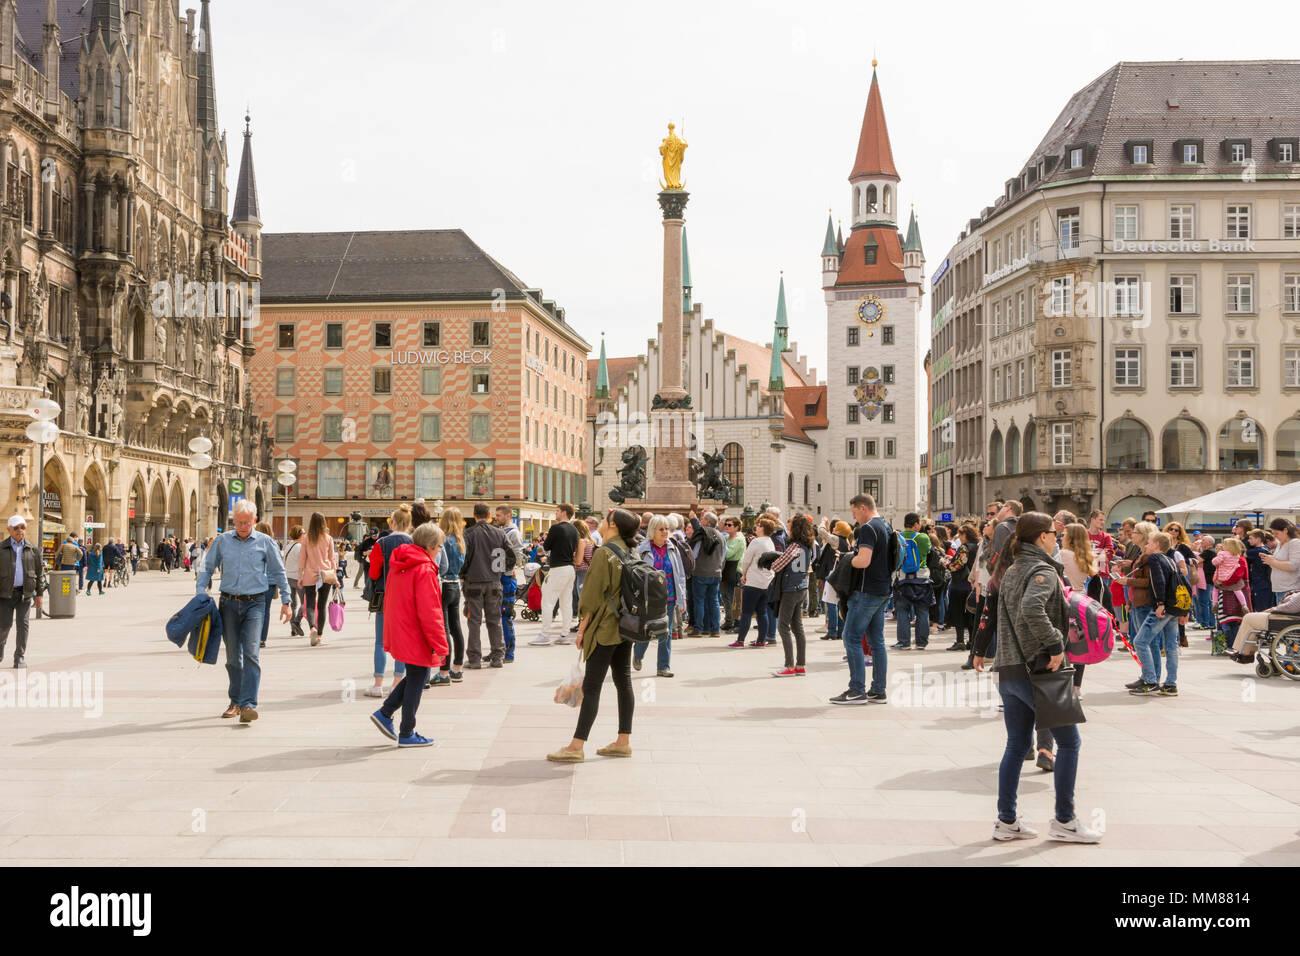 Monaco di Baviera, Germania - Aprile 4: turisti presso la piazza Marienplatz a Monaco di Baviera, in Germania il 4 aprile 2018. Immagini Stock